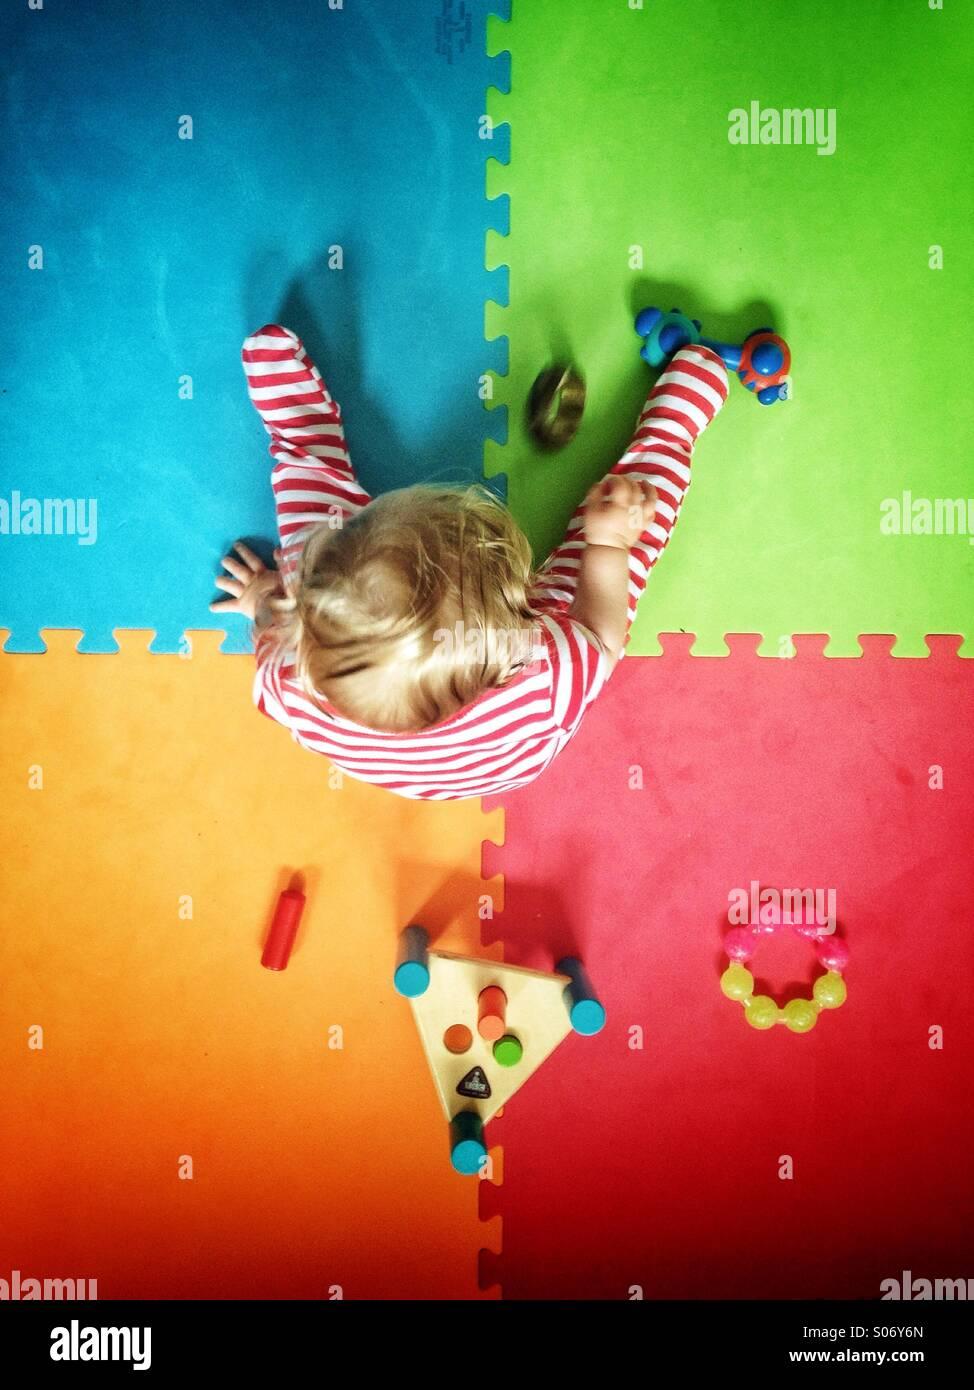 Bebé jugando en coloridos jugar mat Imagen De Stock